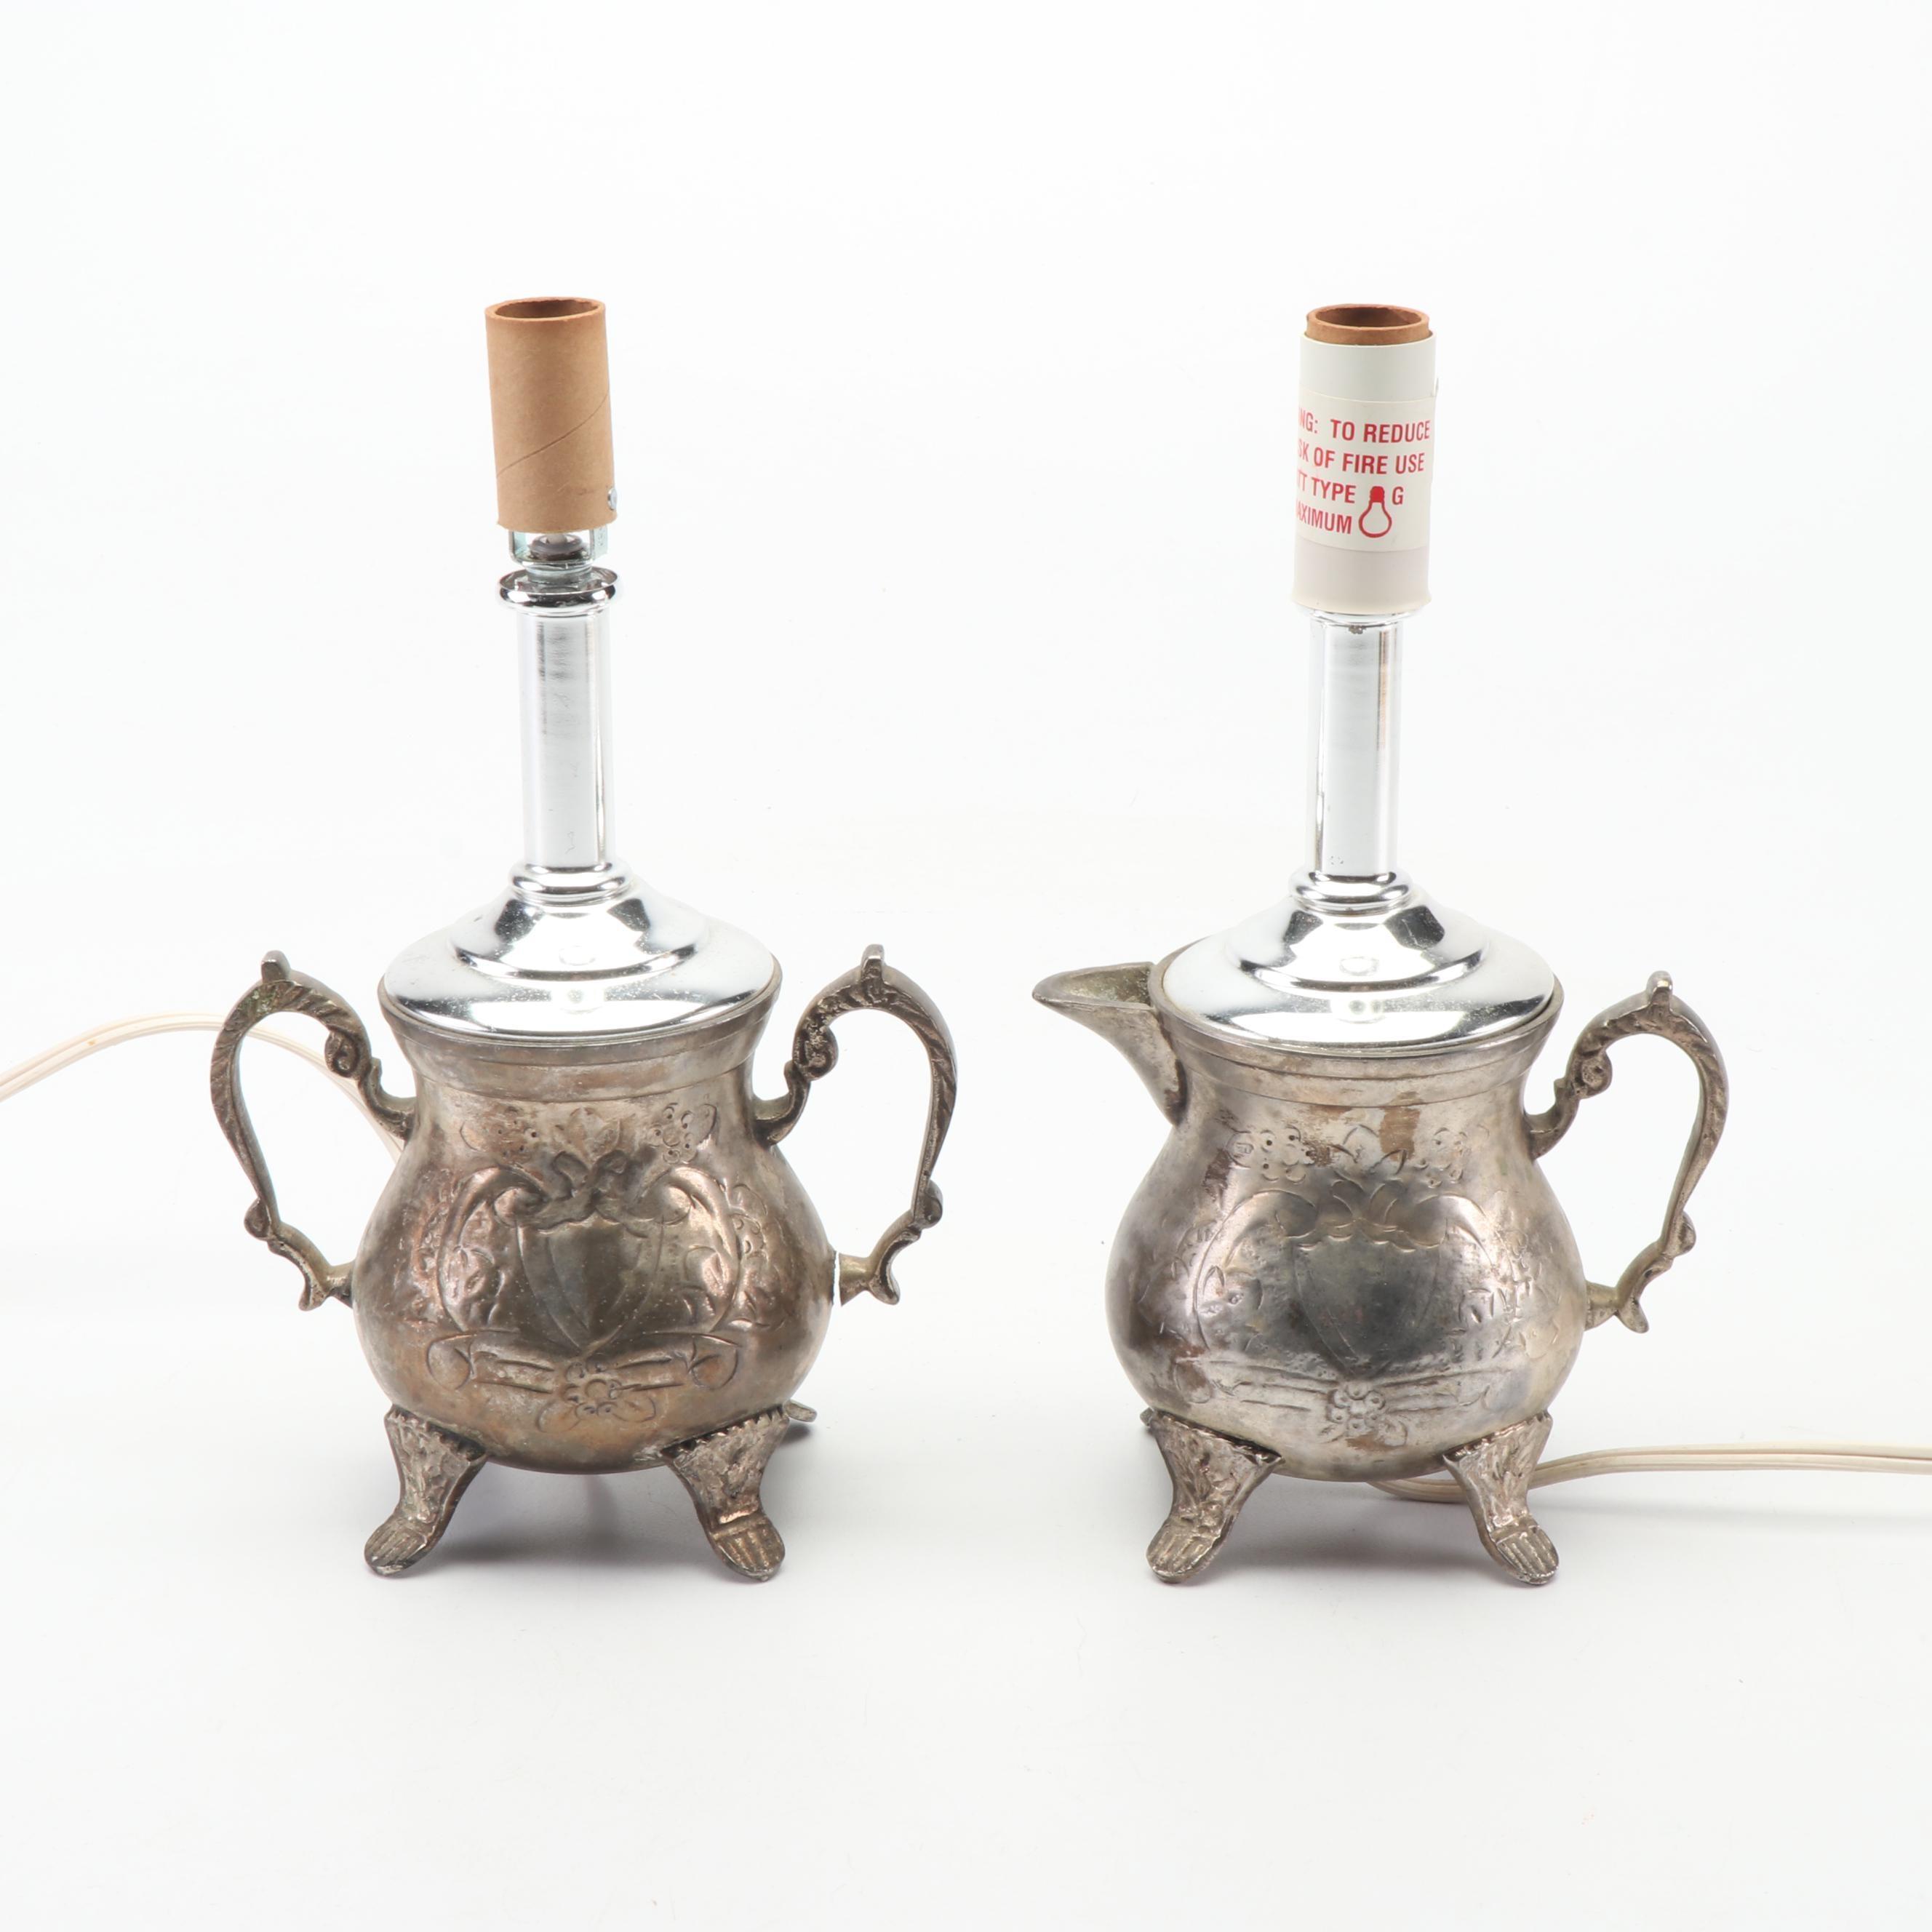 Repurposed Silver Plate Creamer and Sugar Bowl Lamps